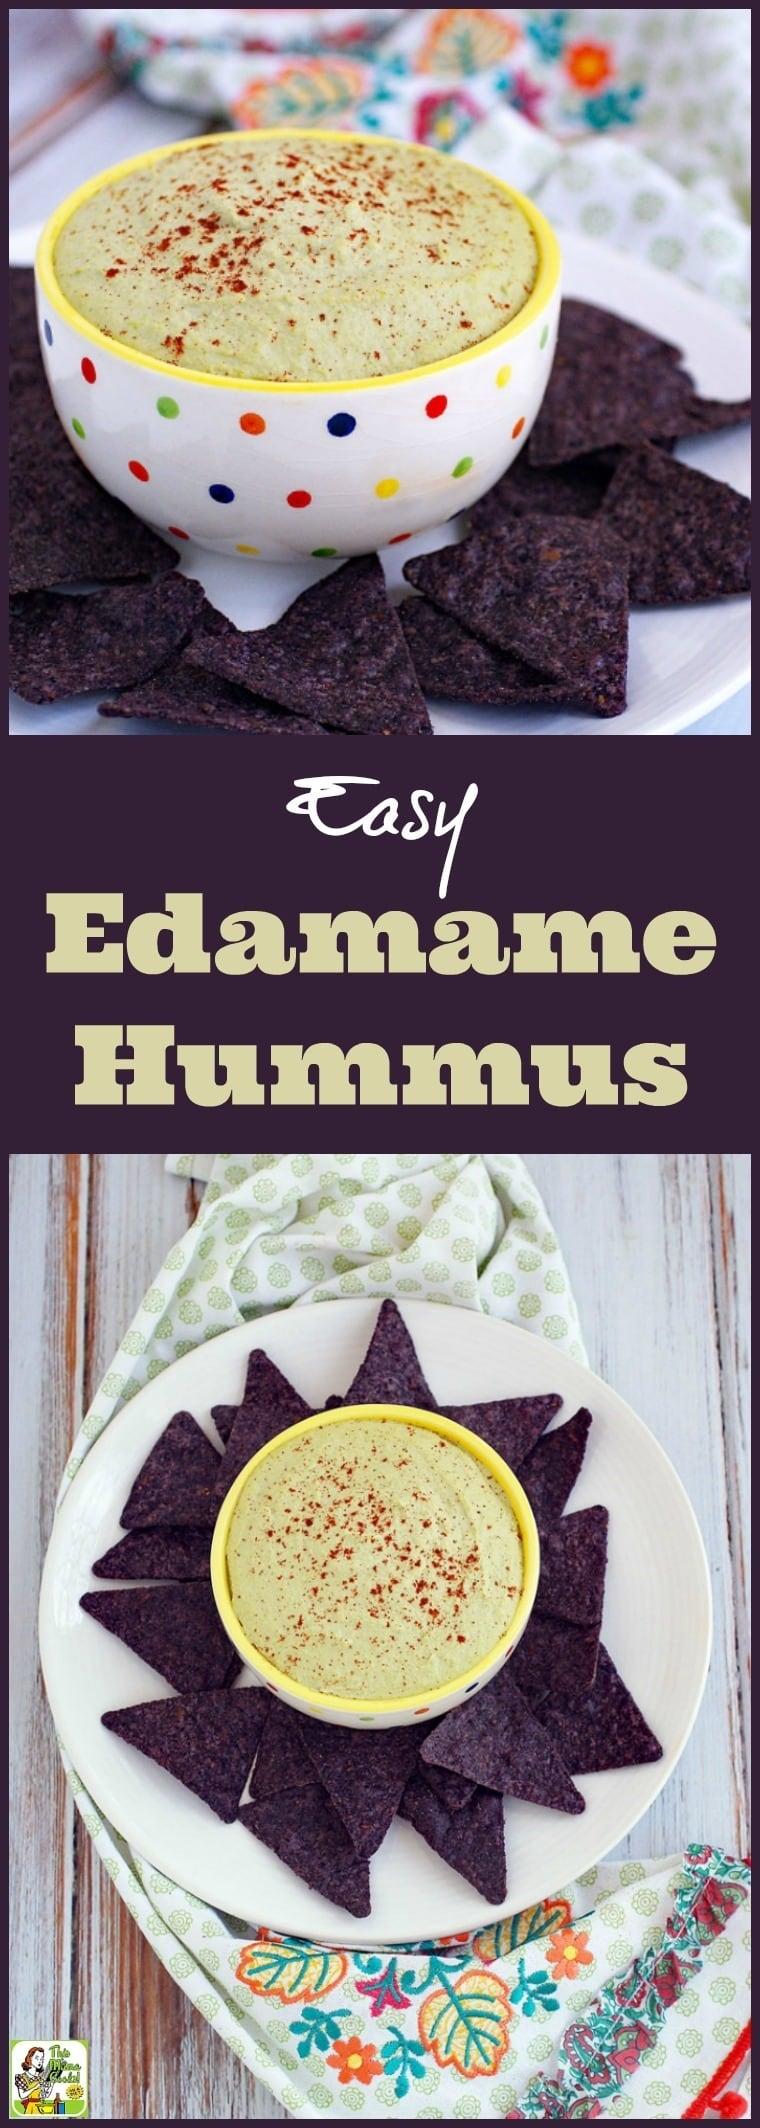 Easy Edamame Hummus Recipe